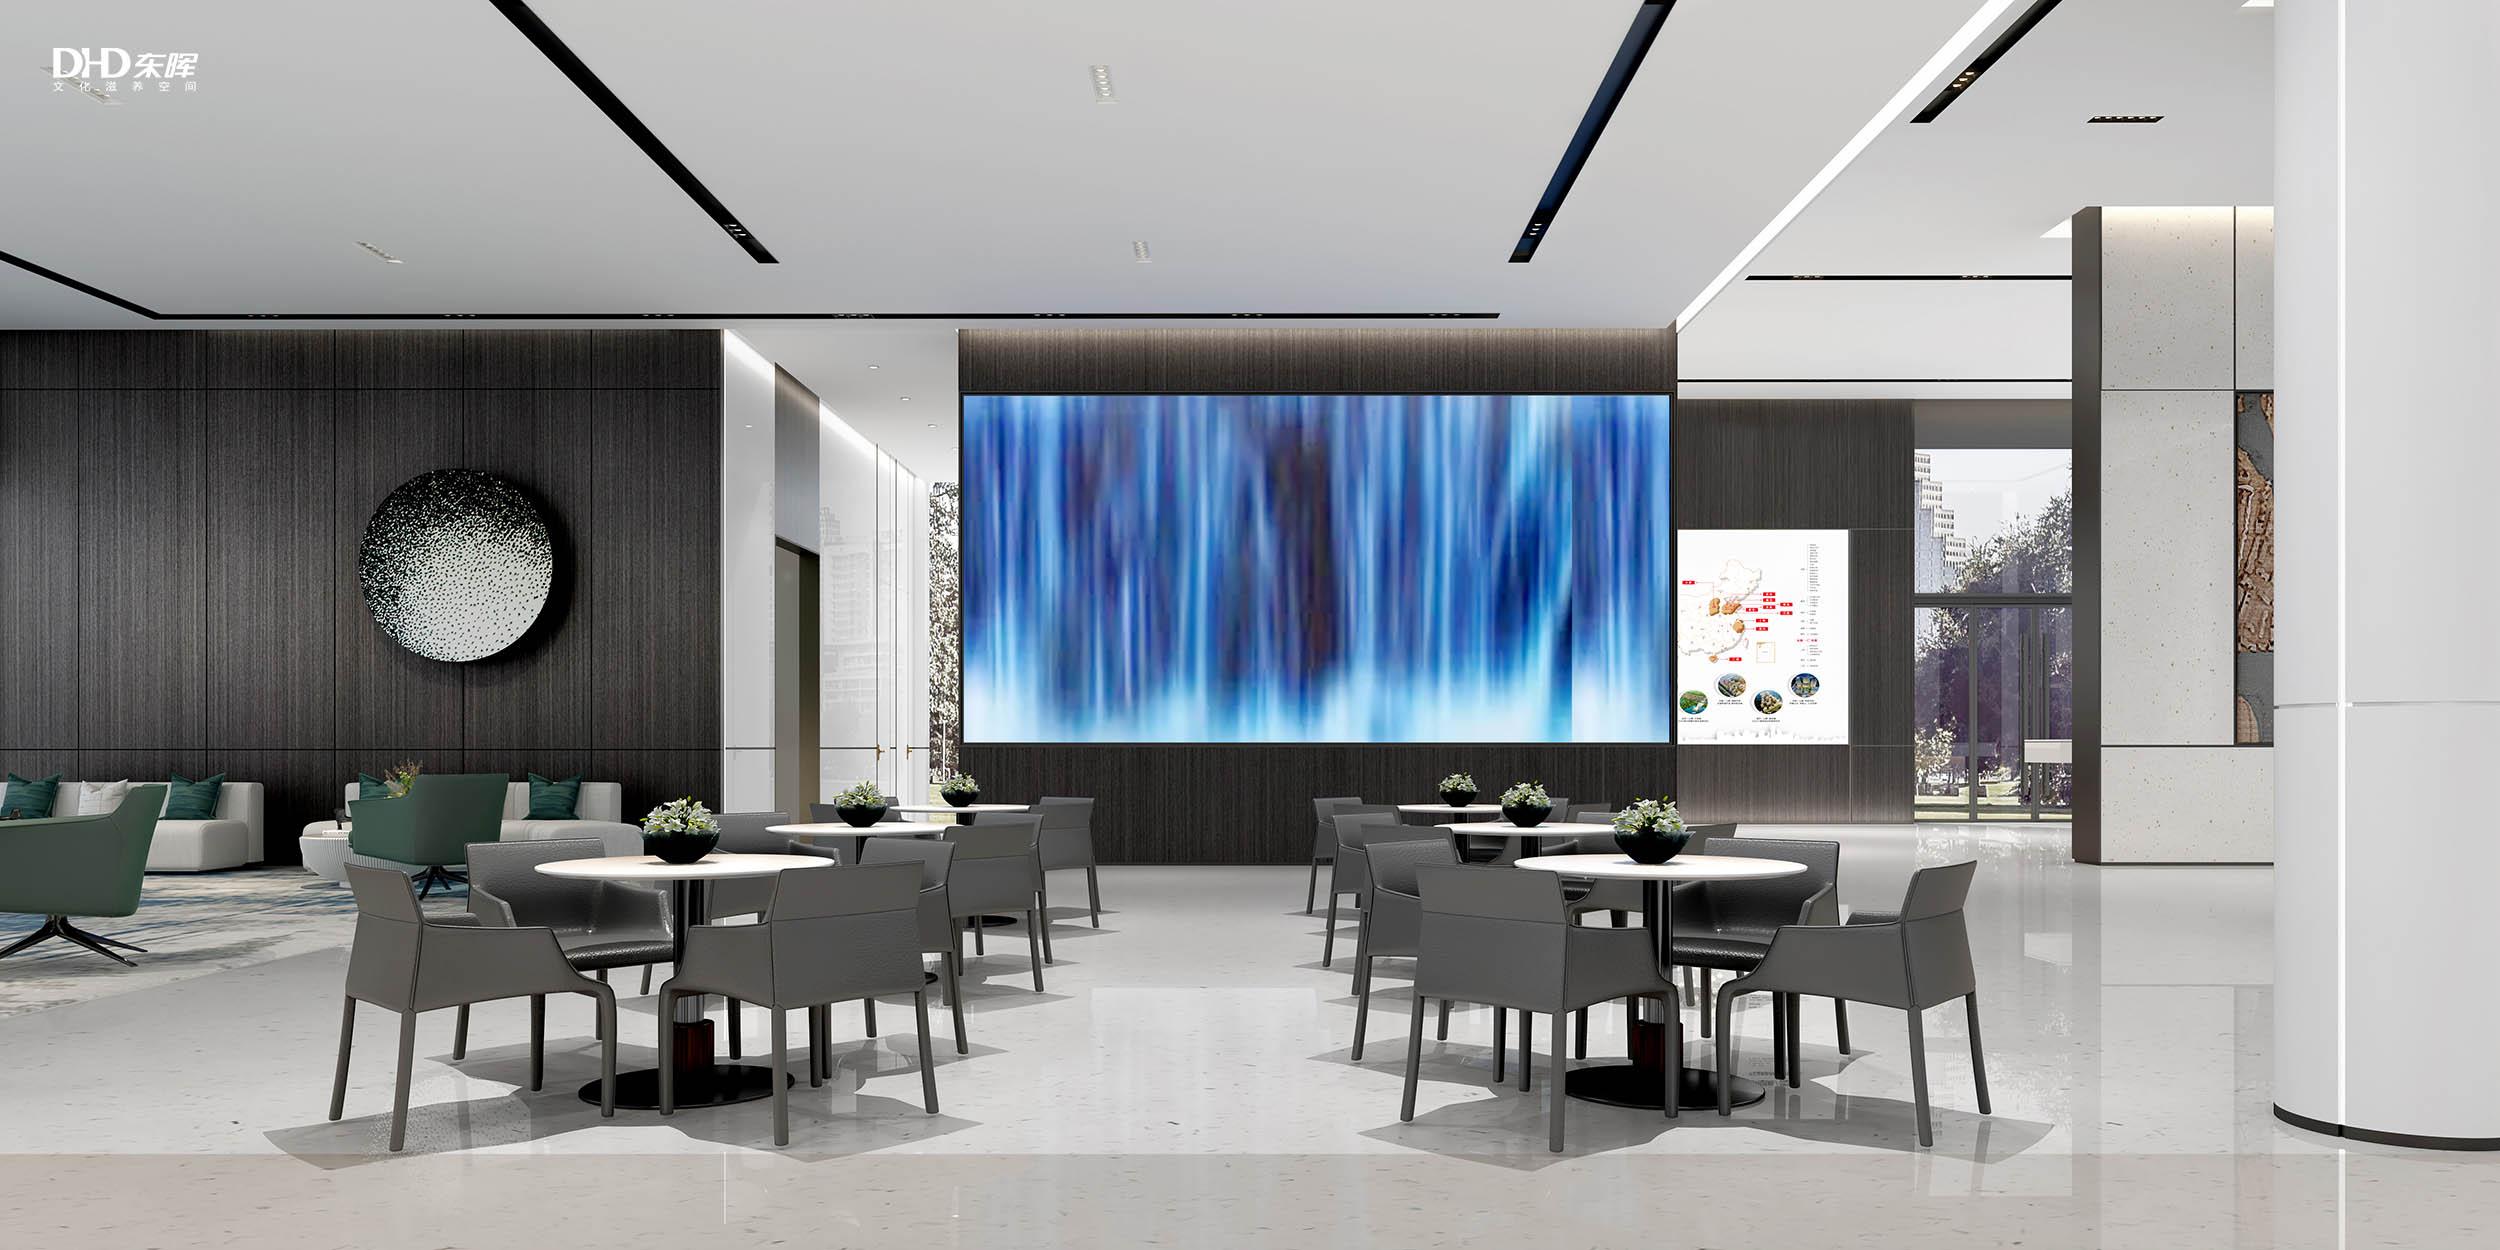 售楼中心设计实景图案例,售楼中心设计实景图,售楼中心设计案例